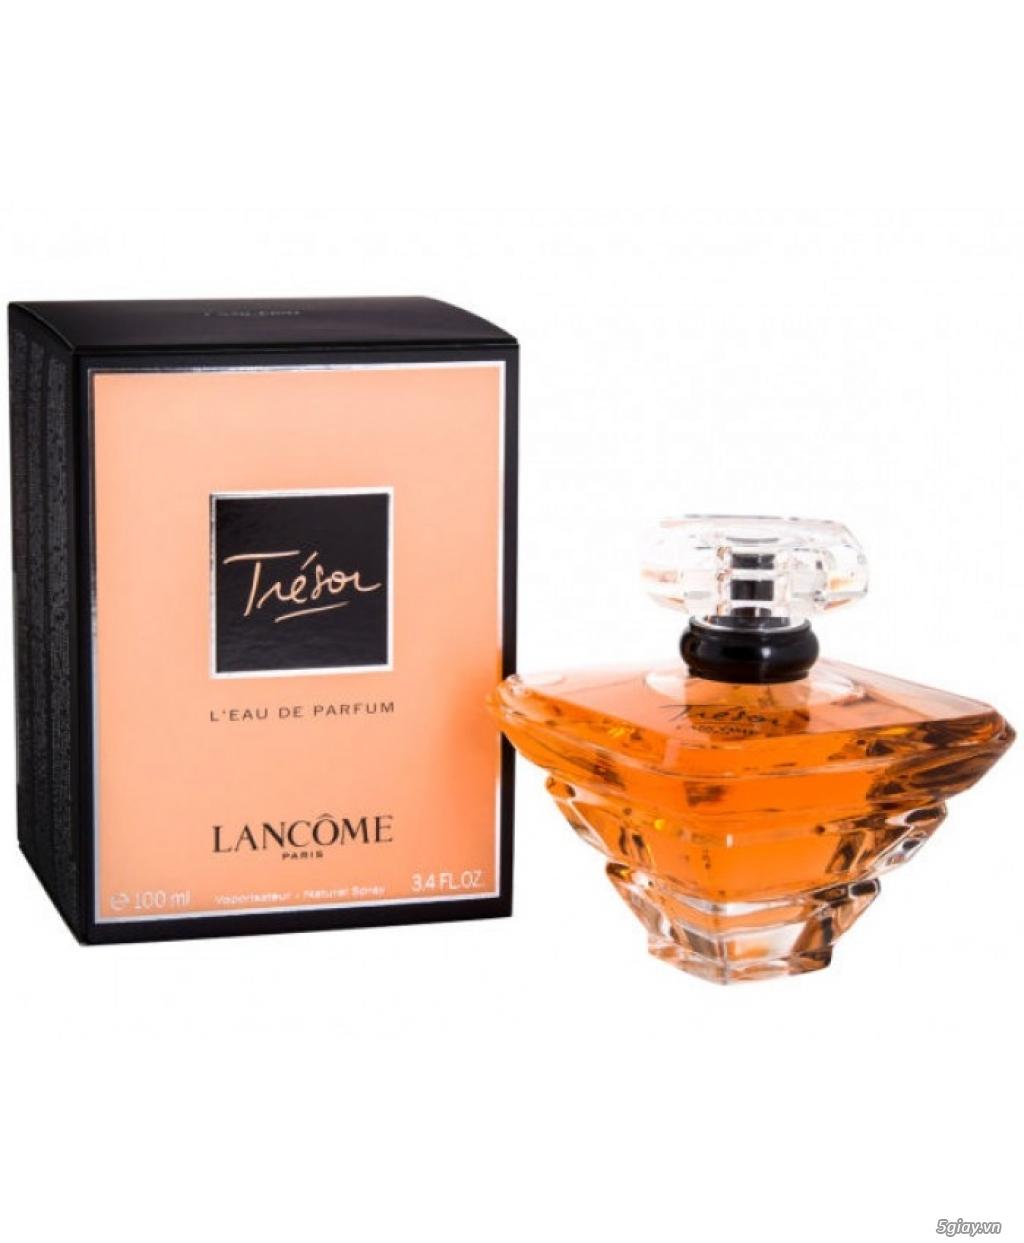 Set nước hoa làm quà giáng sinh Lancôme,Gio,RLauren,chaaa,Dior,Vic,.. - 7